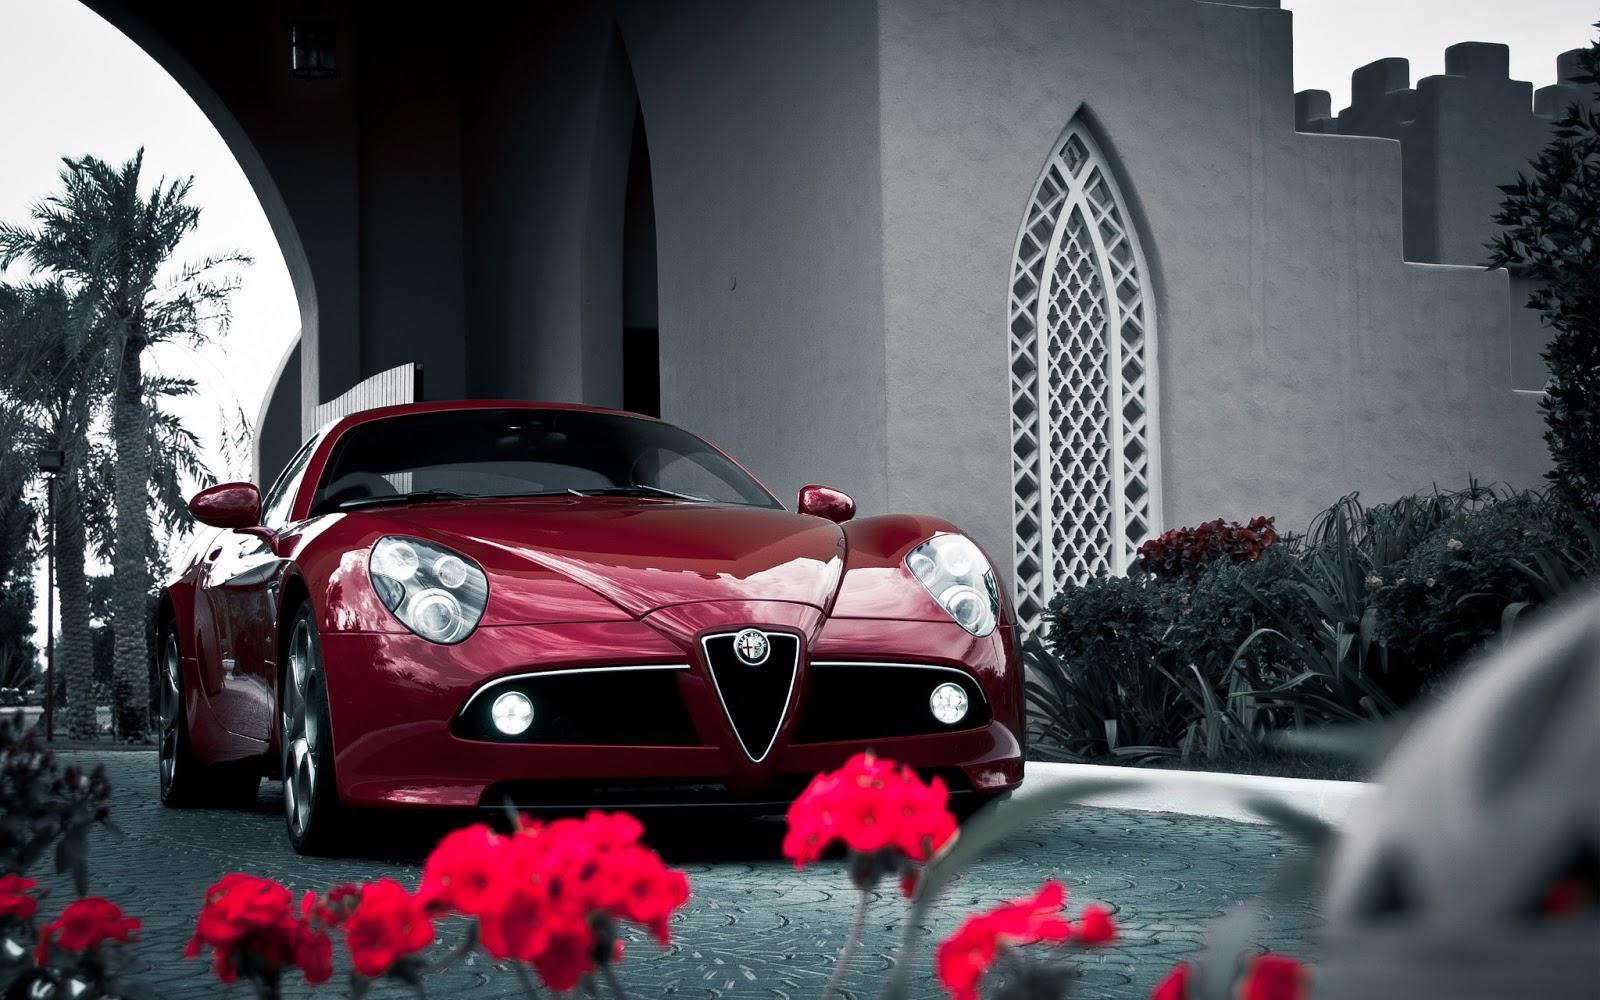 http://4.bp.blogspot.com/-tC2Kz_EJDP0/UQU4ugmfXbI/AAAAAAAAQlM/oRUyayWCCdA/s1600/alfa_romeo_8c_competizione_sports_car-wide.jpg